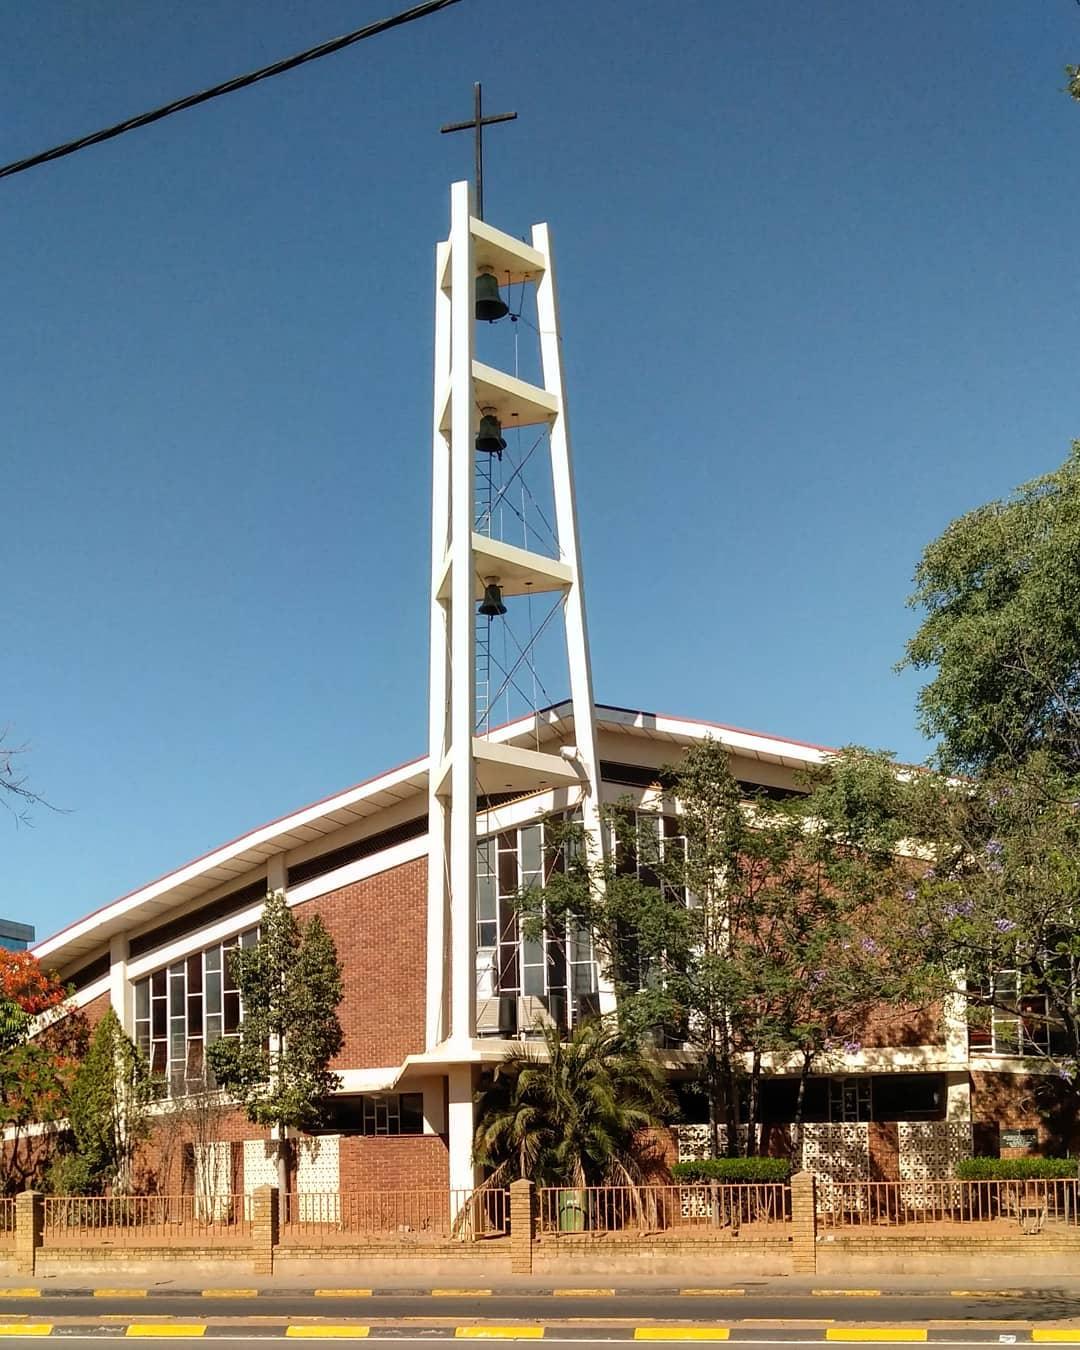 buildings in Gaborone